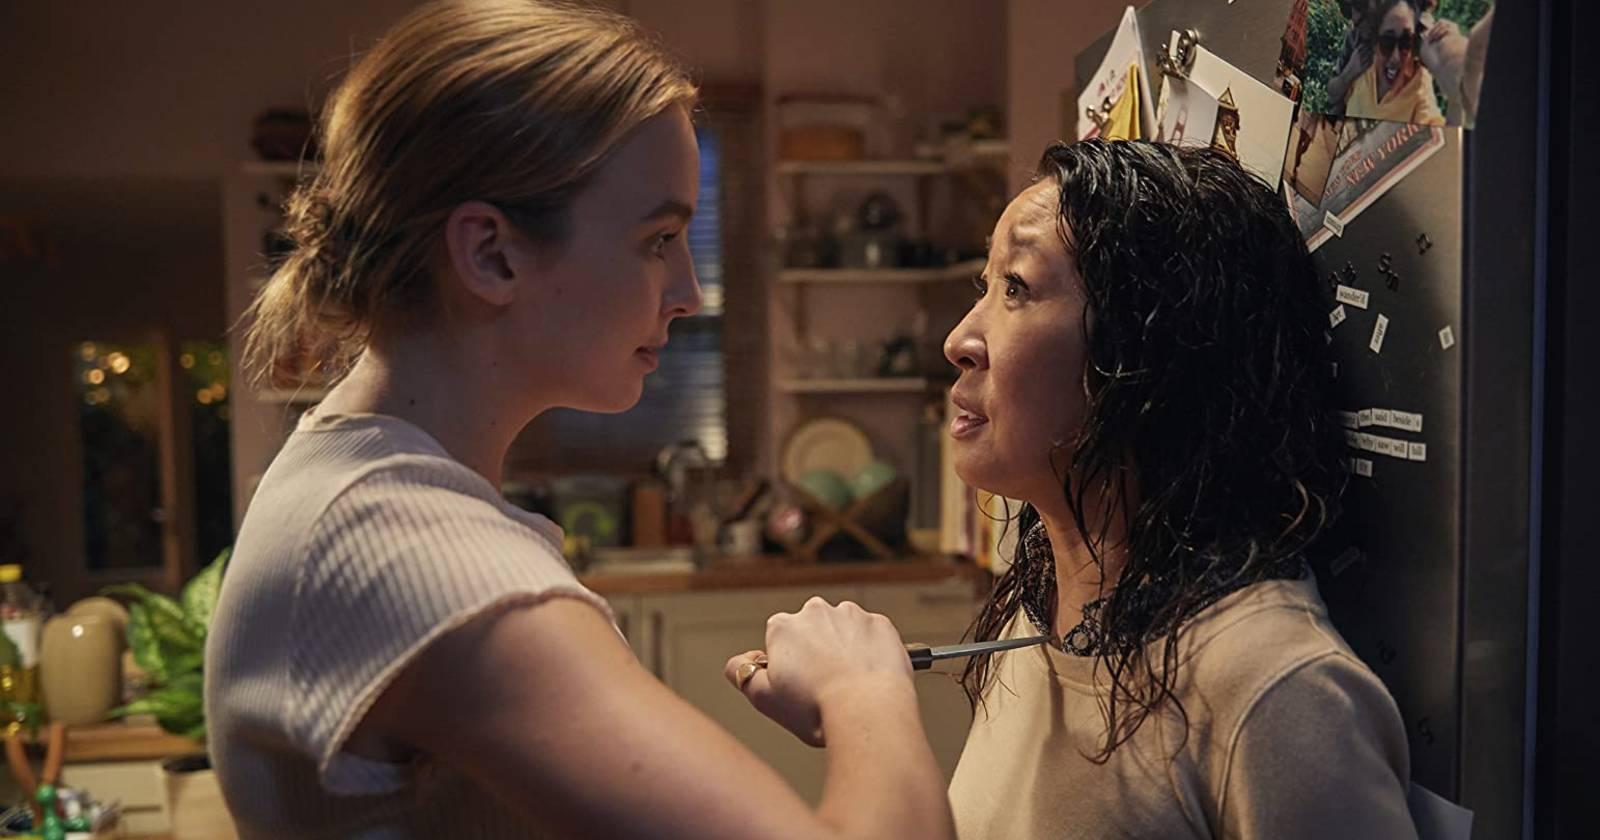 Killing Eve, A la izquierda Villanelle amenaza con un cuchillo en el cuello a Eve, A la derecha Eve acorralada contra su refrigerador